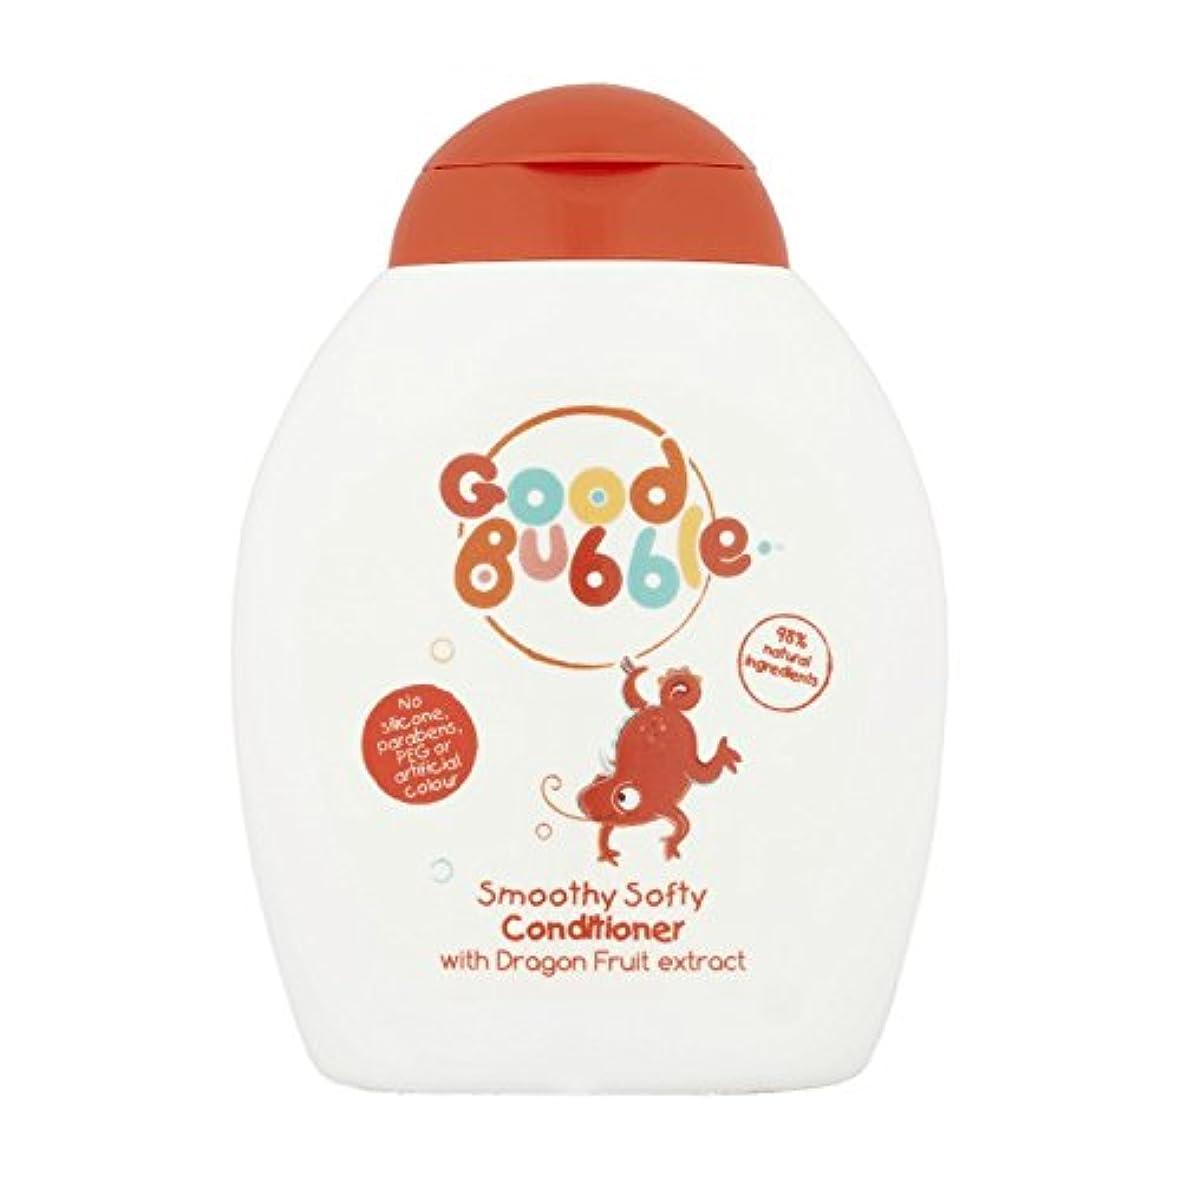 おもしろいスタイル酸化物良いバブルドラゴンフルーツコンディショナー250ミリリットル - Good Bubble Dragon Fruit Conditioner 250ml (Good Bubble) [並行輸入品]